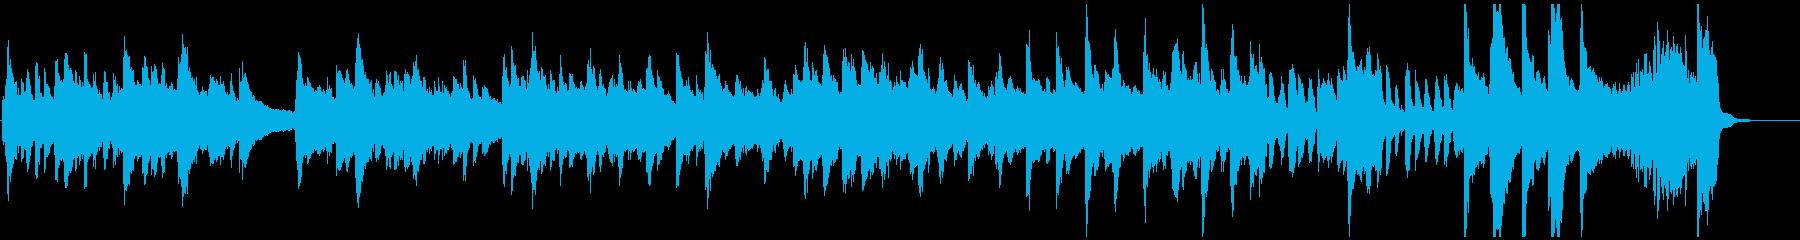 ディズニー風ワルツ_ピアノ編の再生済みの波形